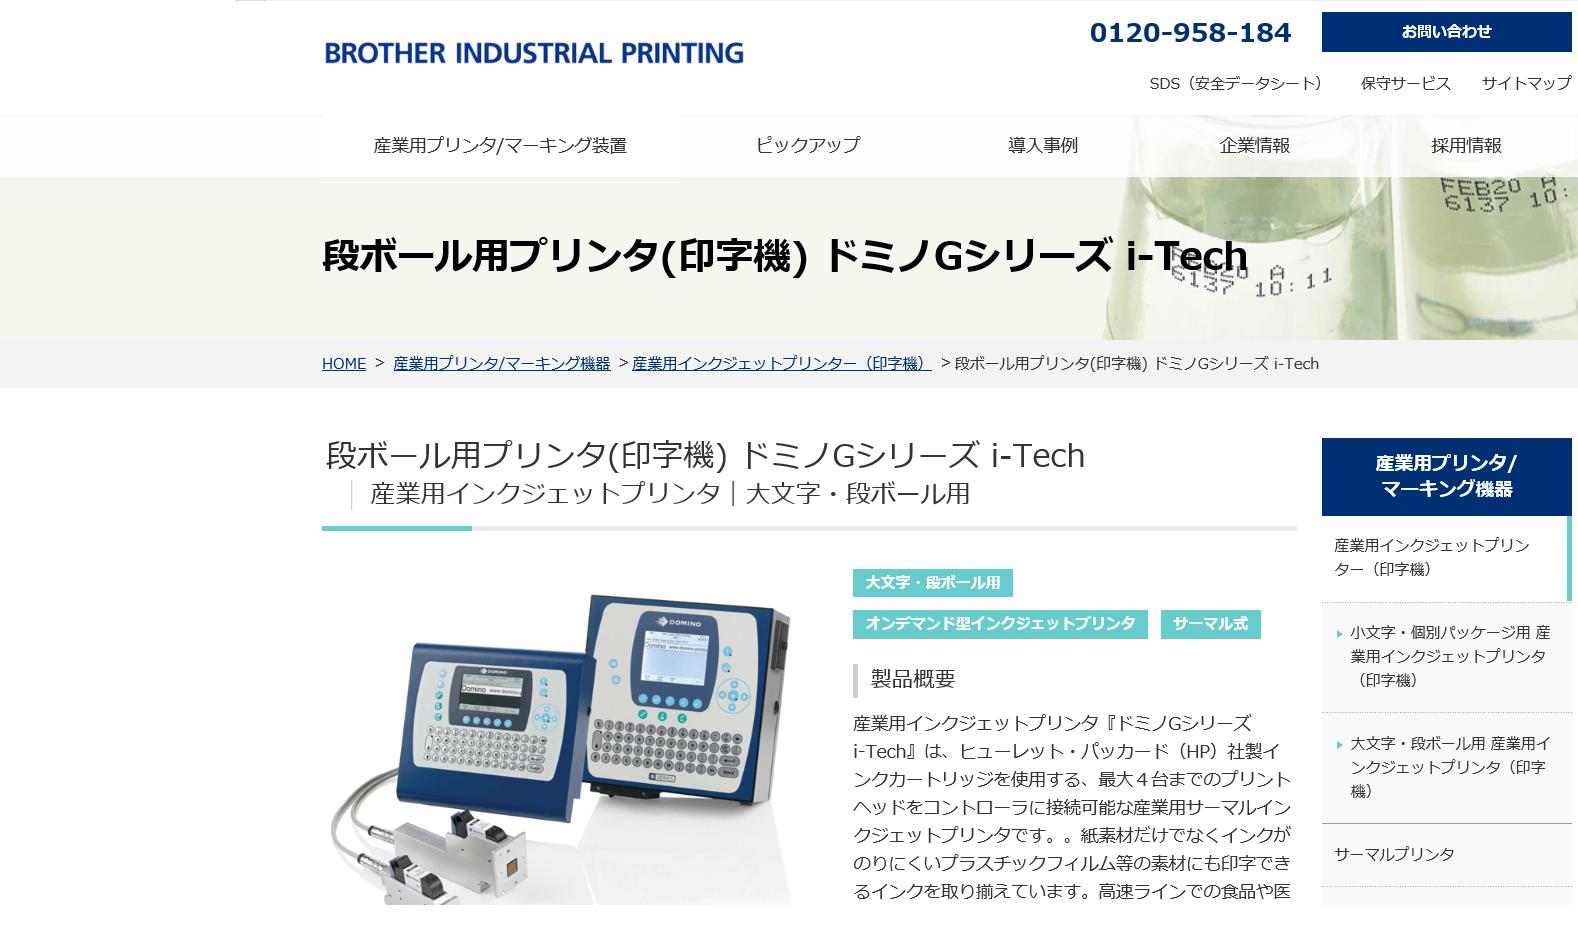 ドミノGシリーズ i-Tech